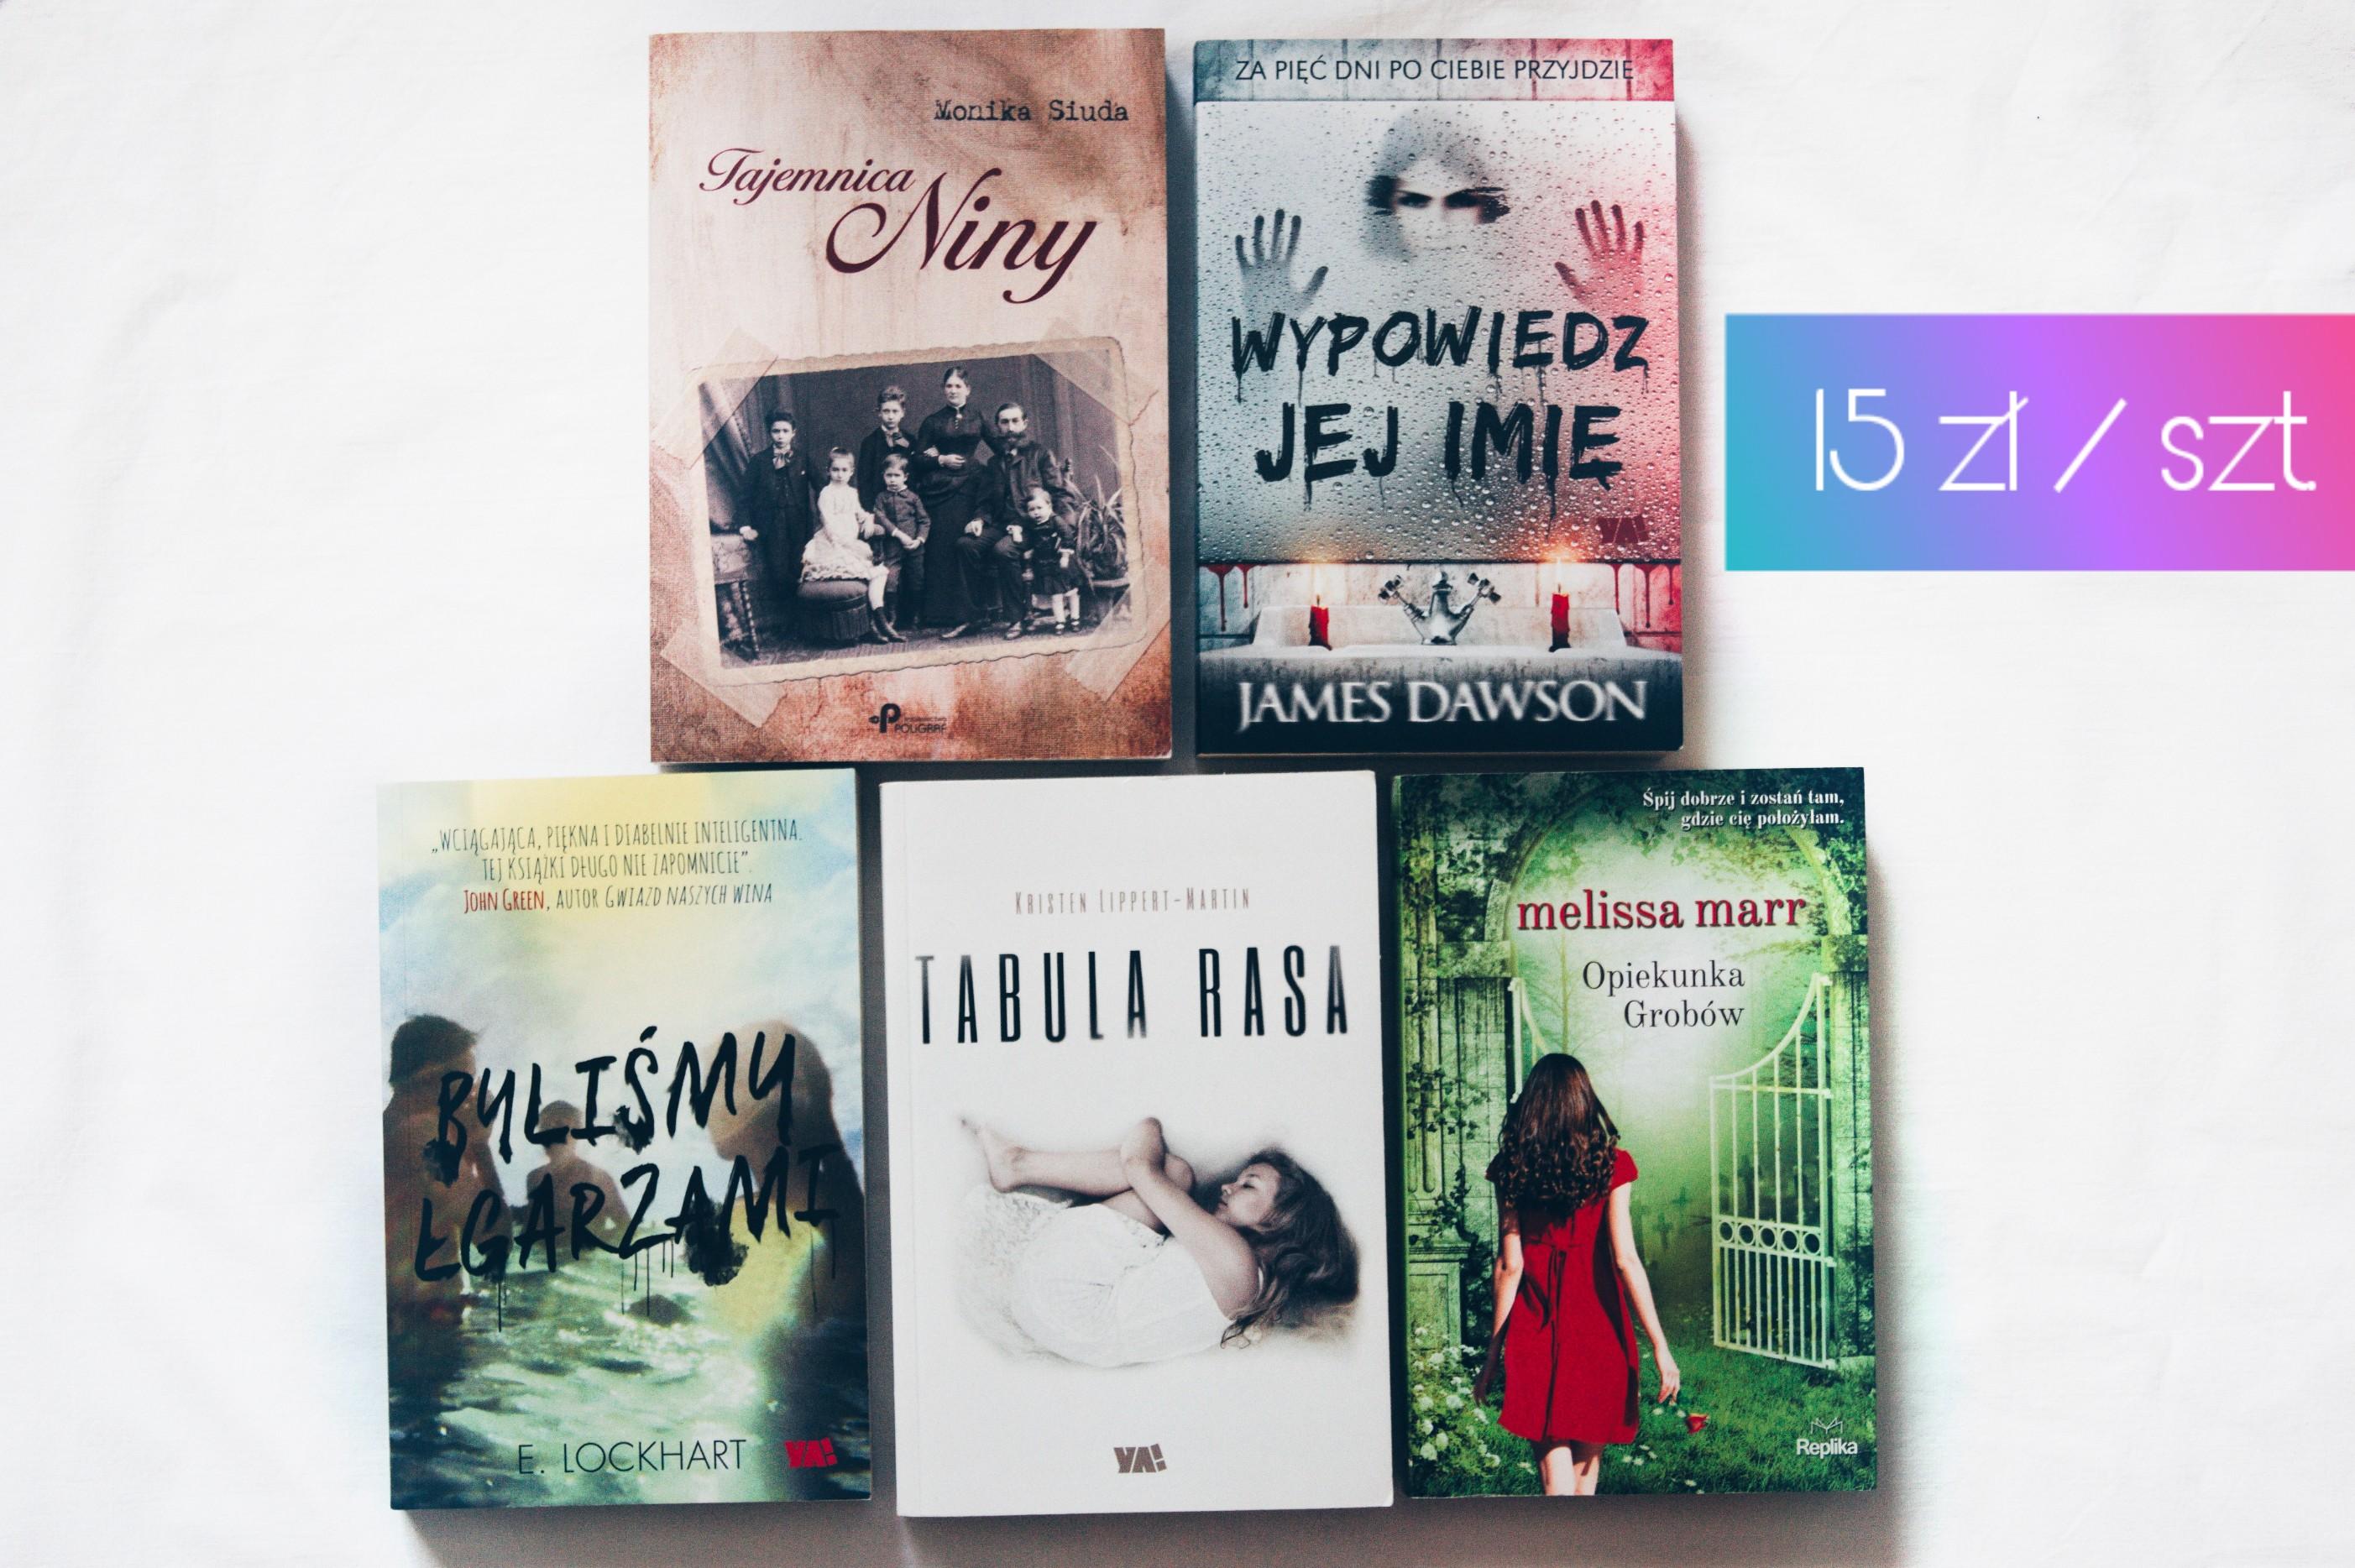 książki thrillery młodzieżowe 15 zł